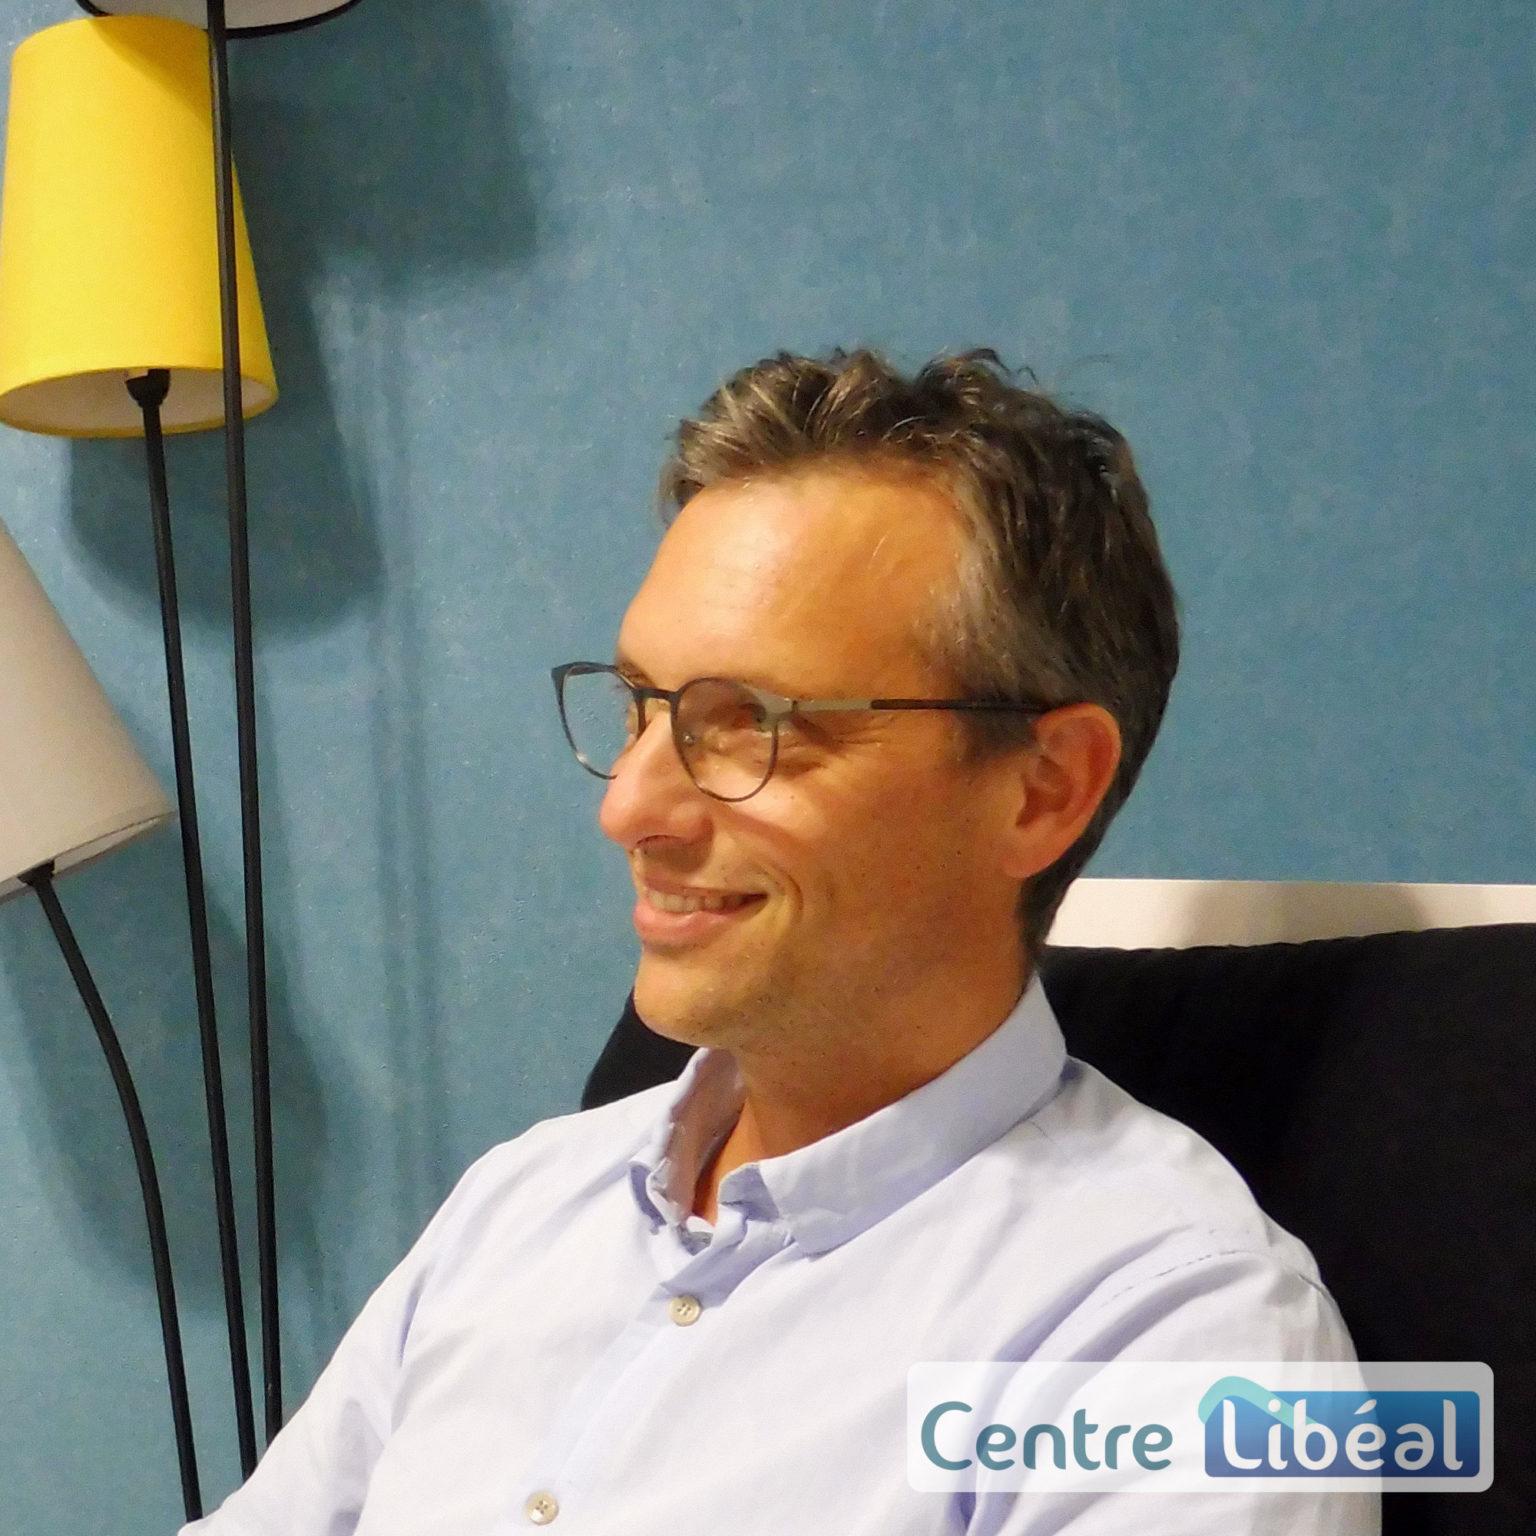 Cédric Kromski Psychothérapie angoisse Centre Libéal Lille